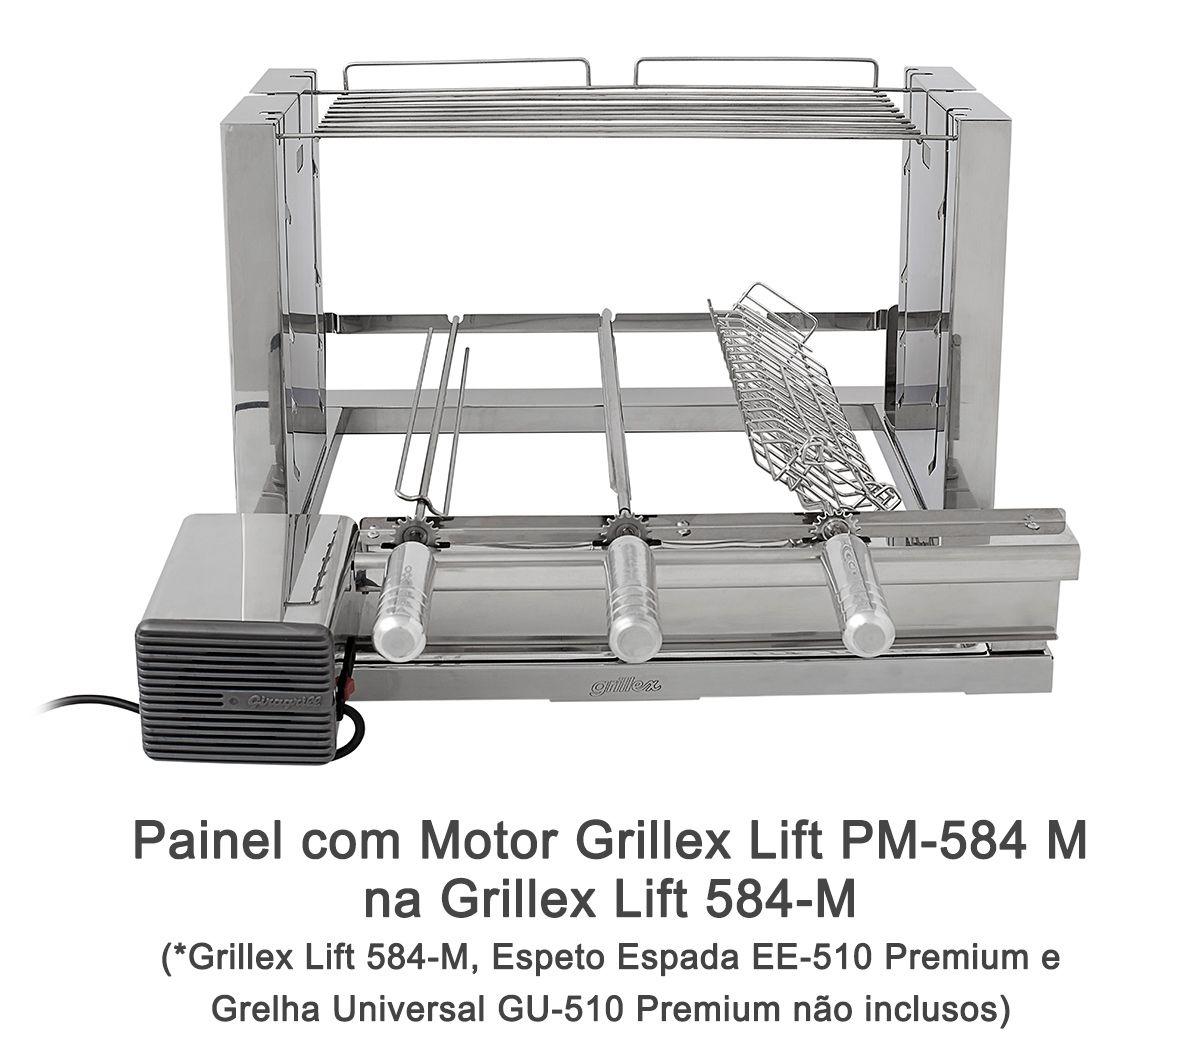 Painel com Motor Grillex Lift PM-584 M